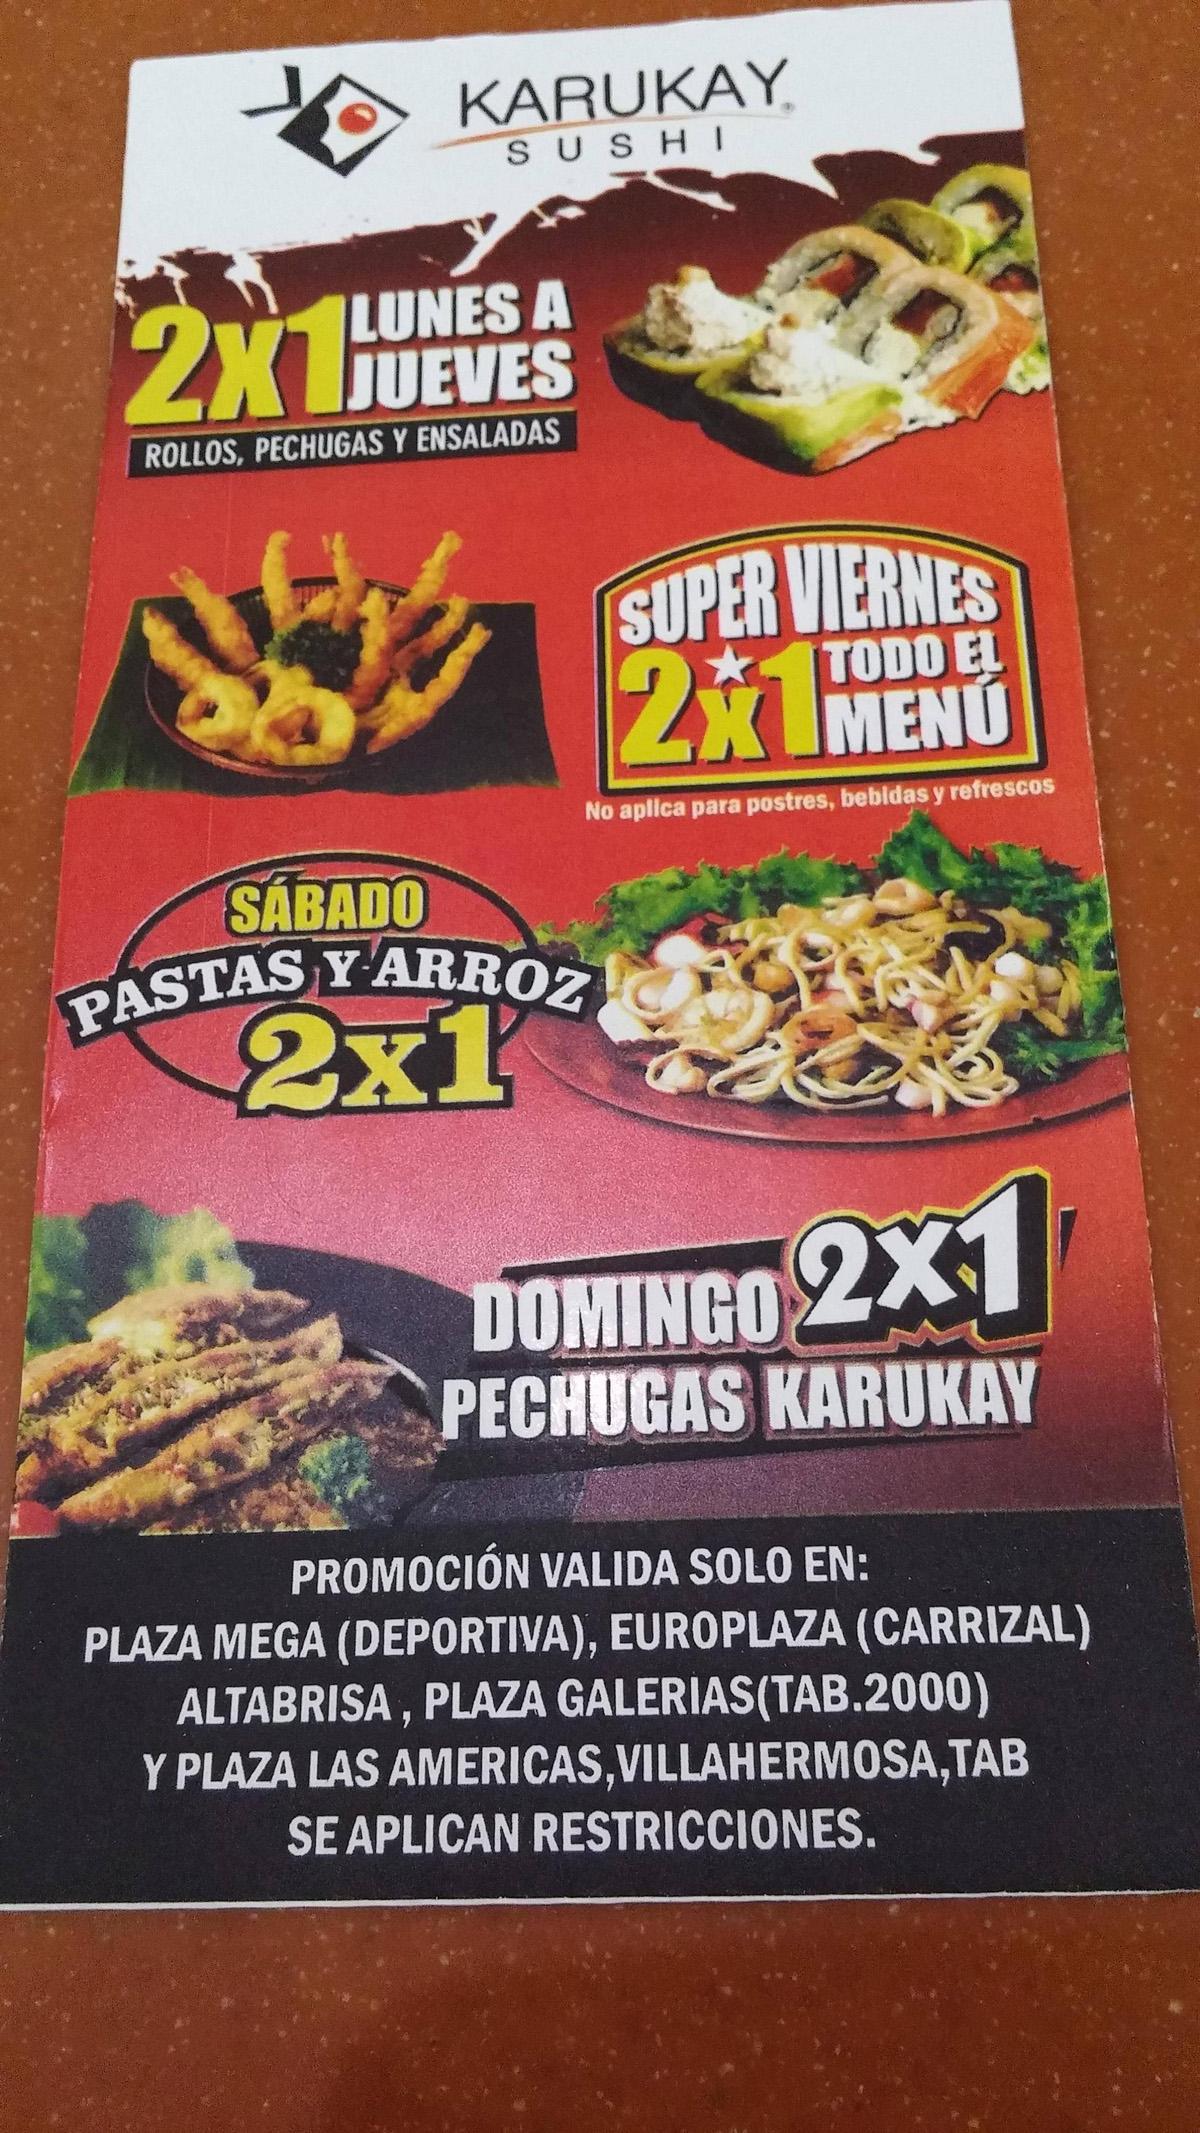 Promociones en Karukay Sushi (Tabasco)